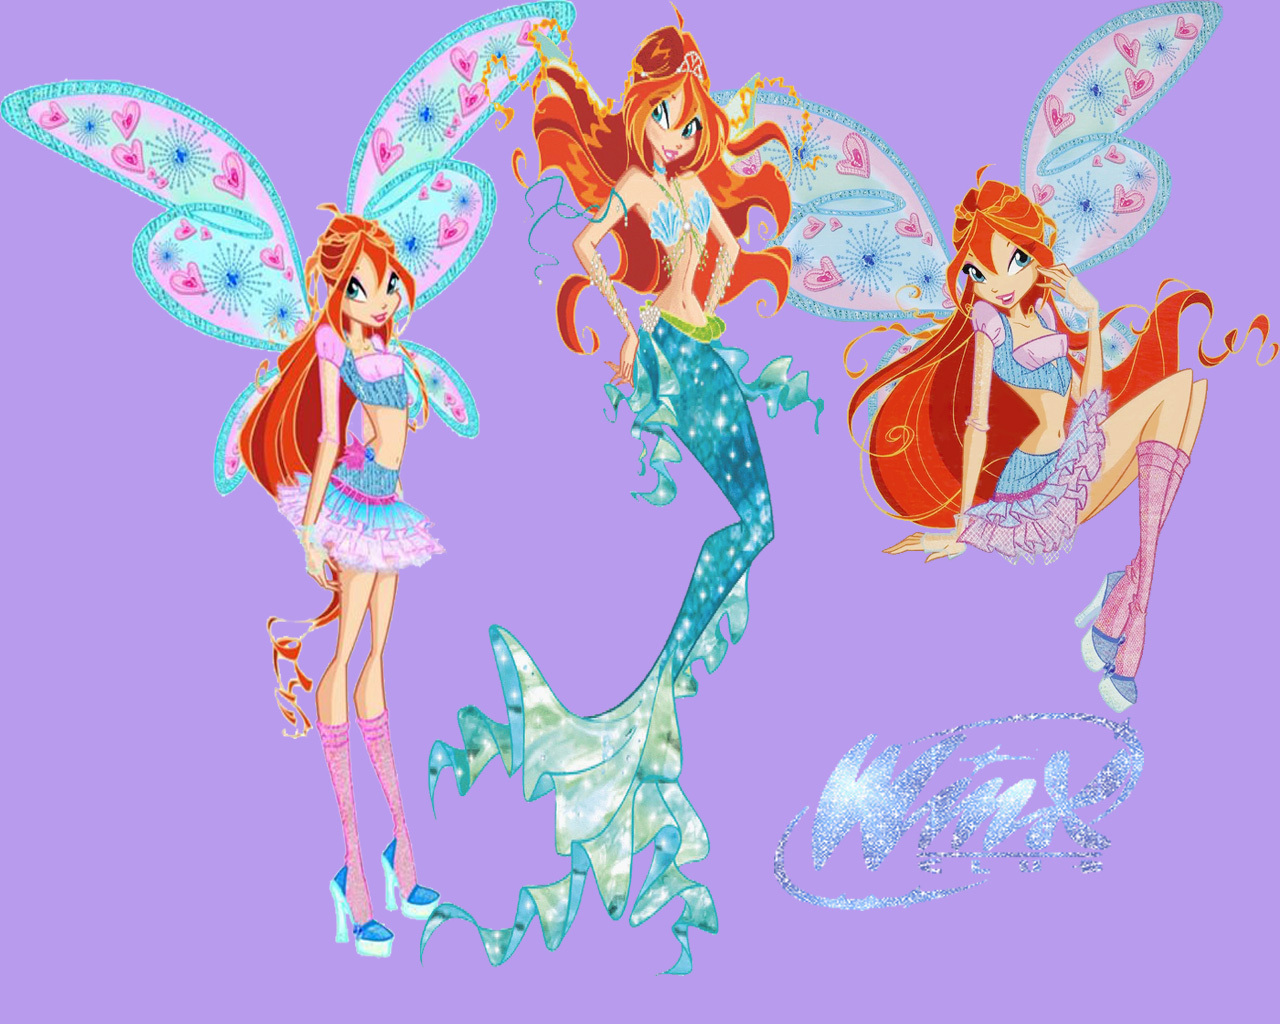 bloom - Winx Club Bloom magic Wallpaper (17641363) - Fanpop: fanpop.com/clubs/winx-club-bloom-magic/images/17641363/title/bloom...